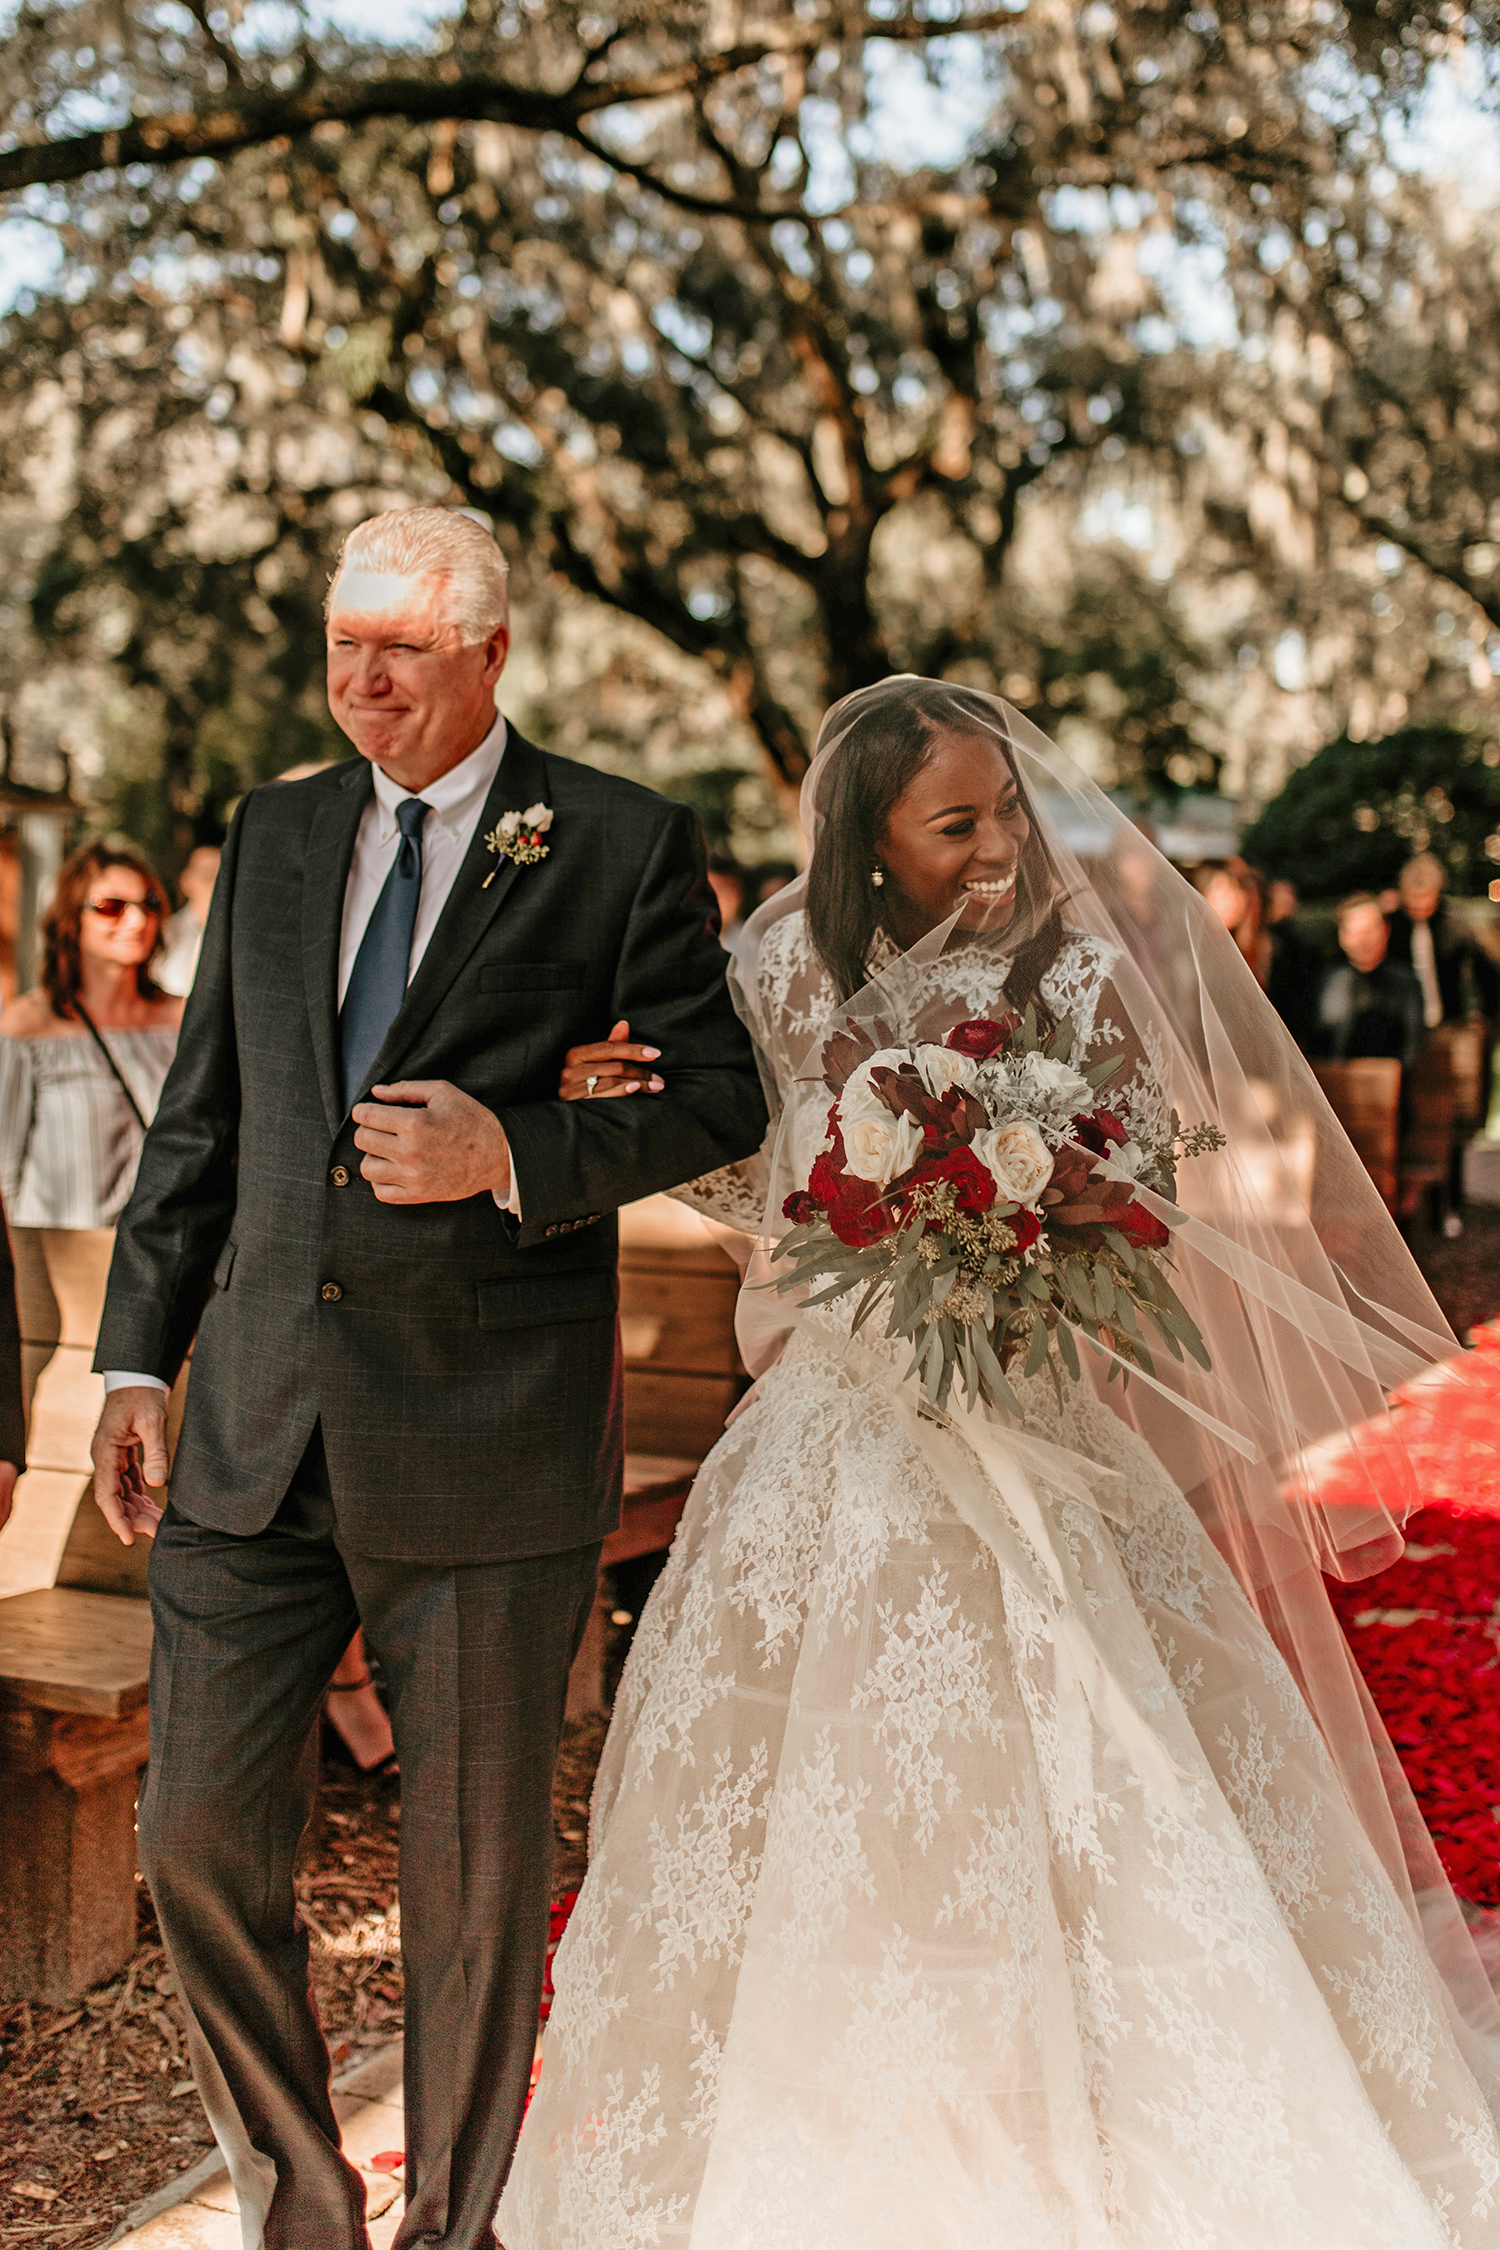 aerielle dyan wedding processional